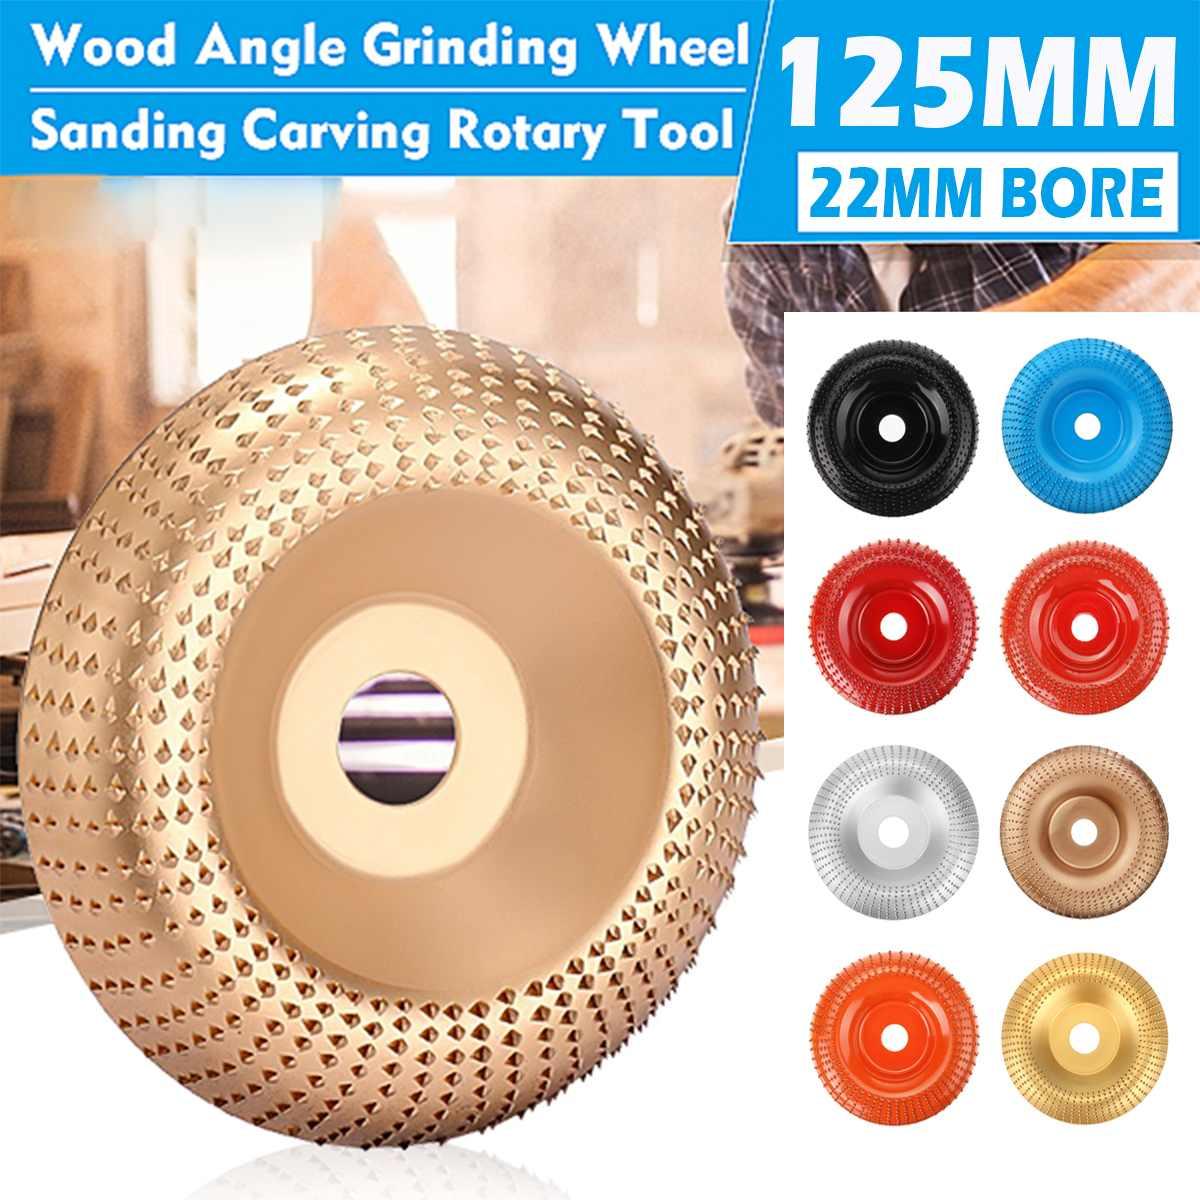 Meule d'angle en bois ponçage sculpture outil rotatif disque abrasif pour meuleuse d'angle carbure de tungstène 22mm 16mm façonnage